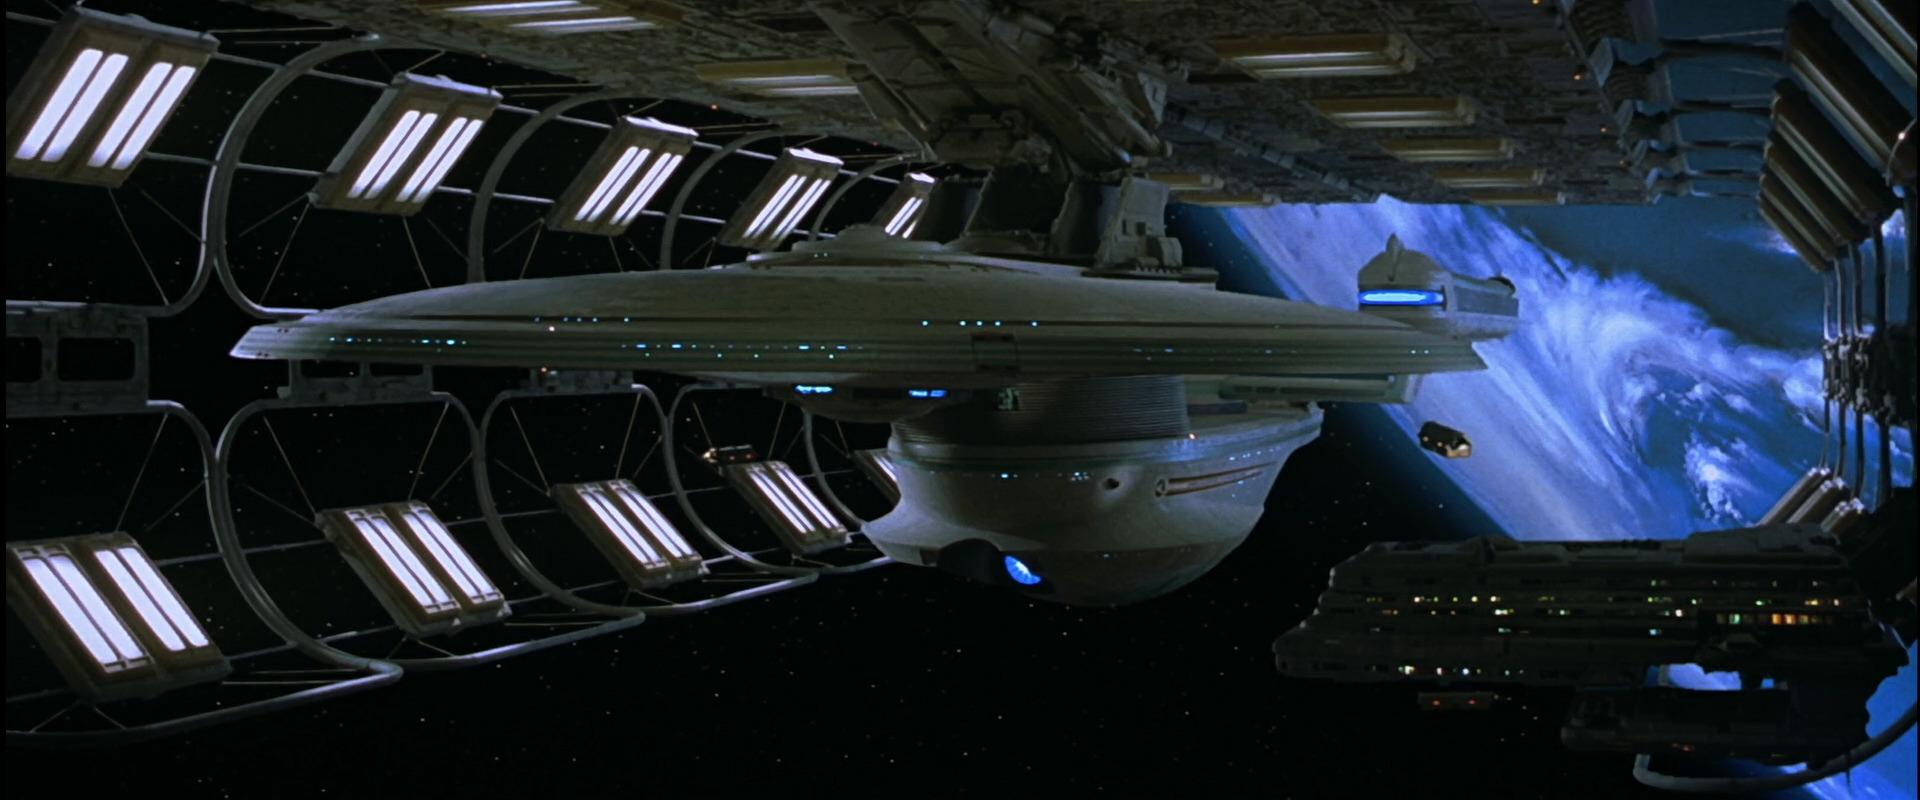 Enterprise-B pred porinuće (Credit: Paramount)